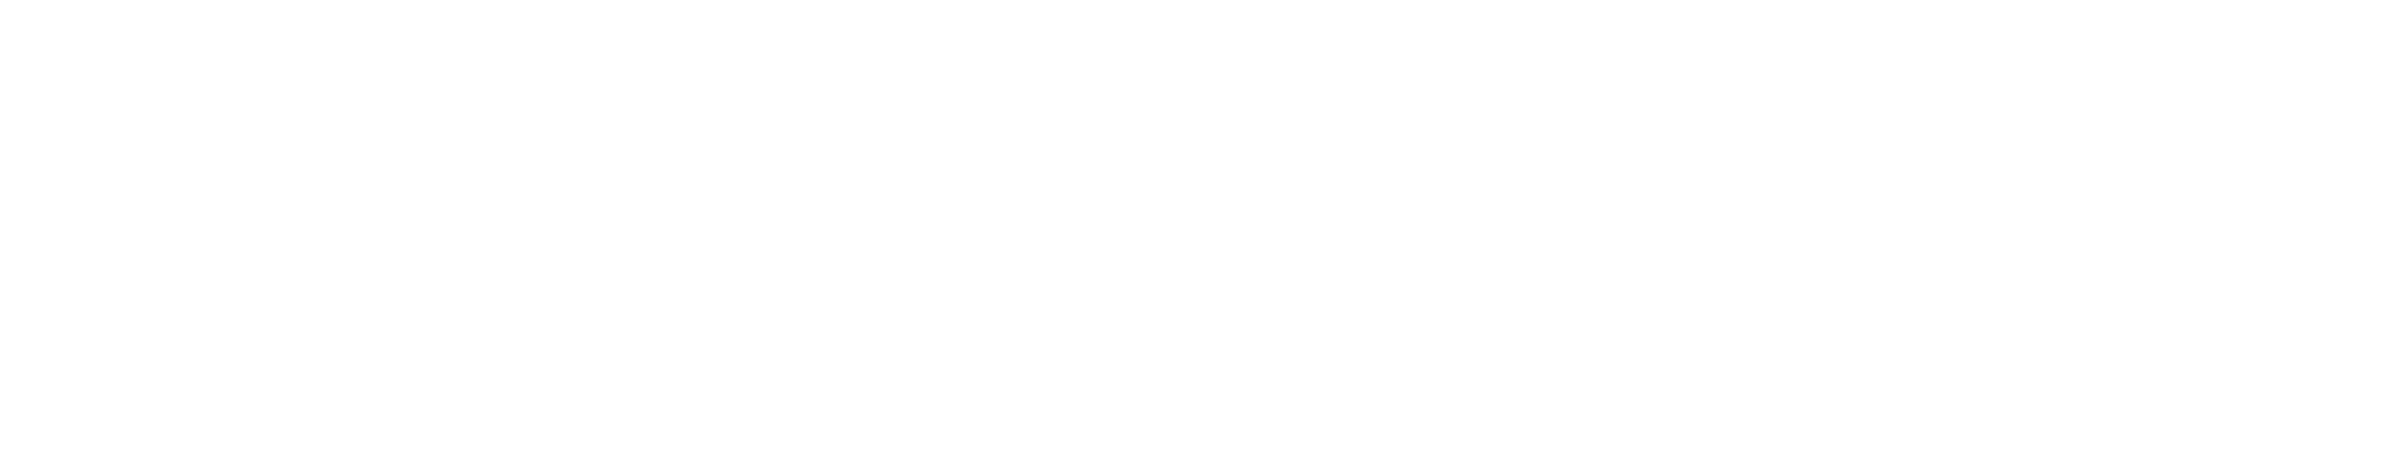 logo-itc-trade-white-